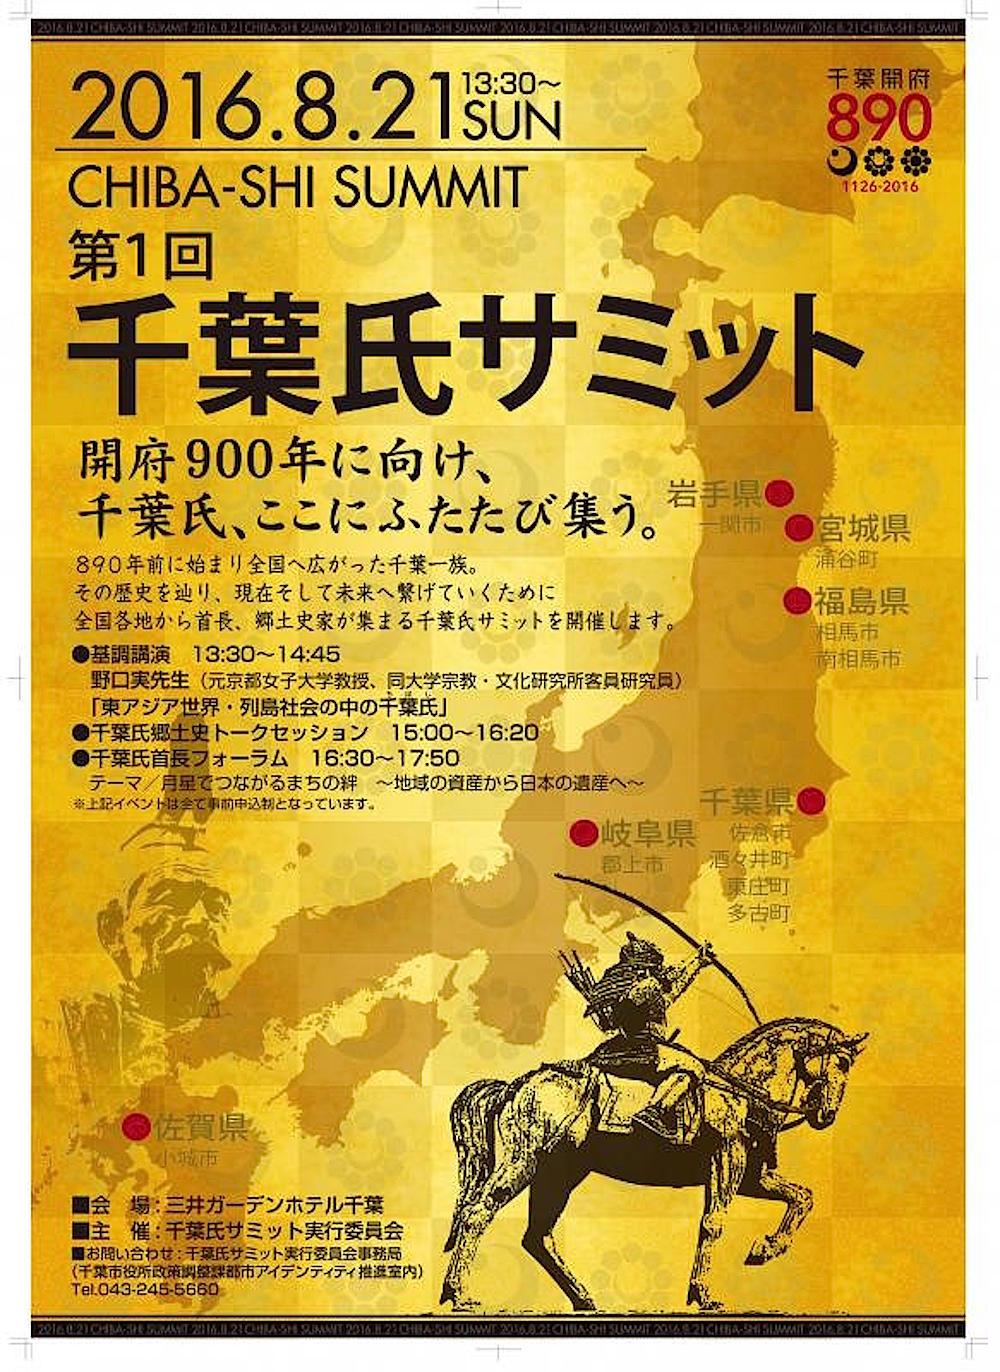 『第1回千葉氏サミット』のポスター